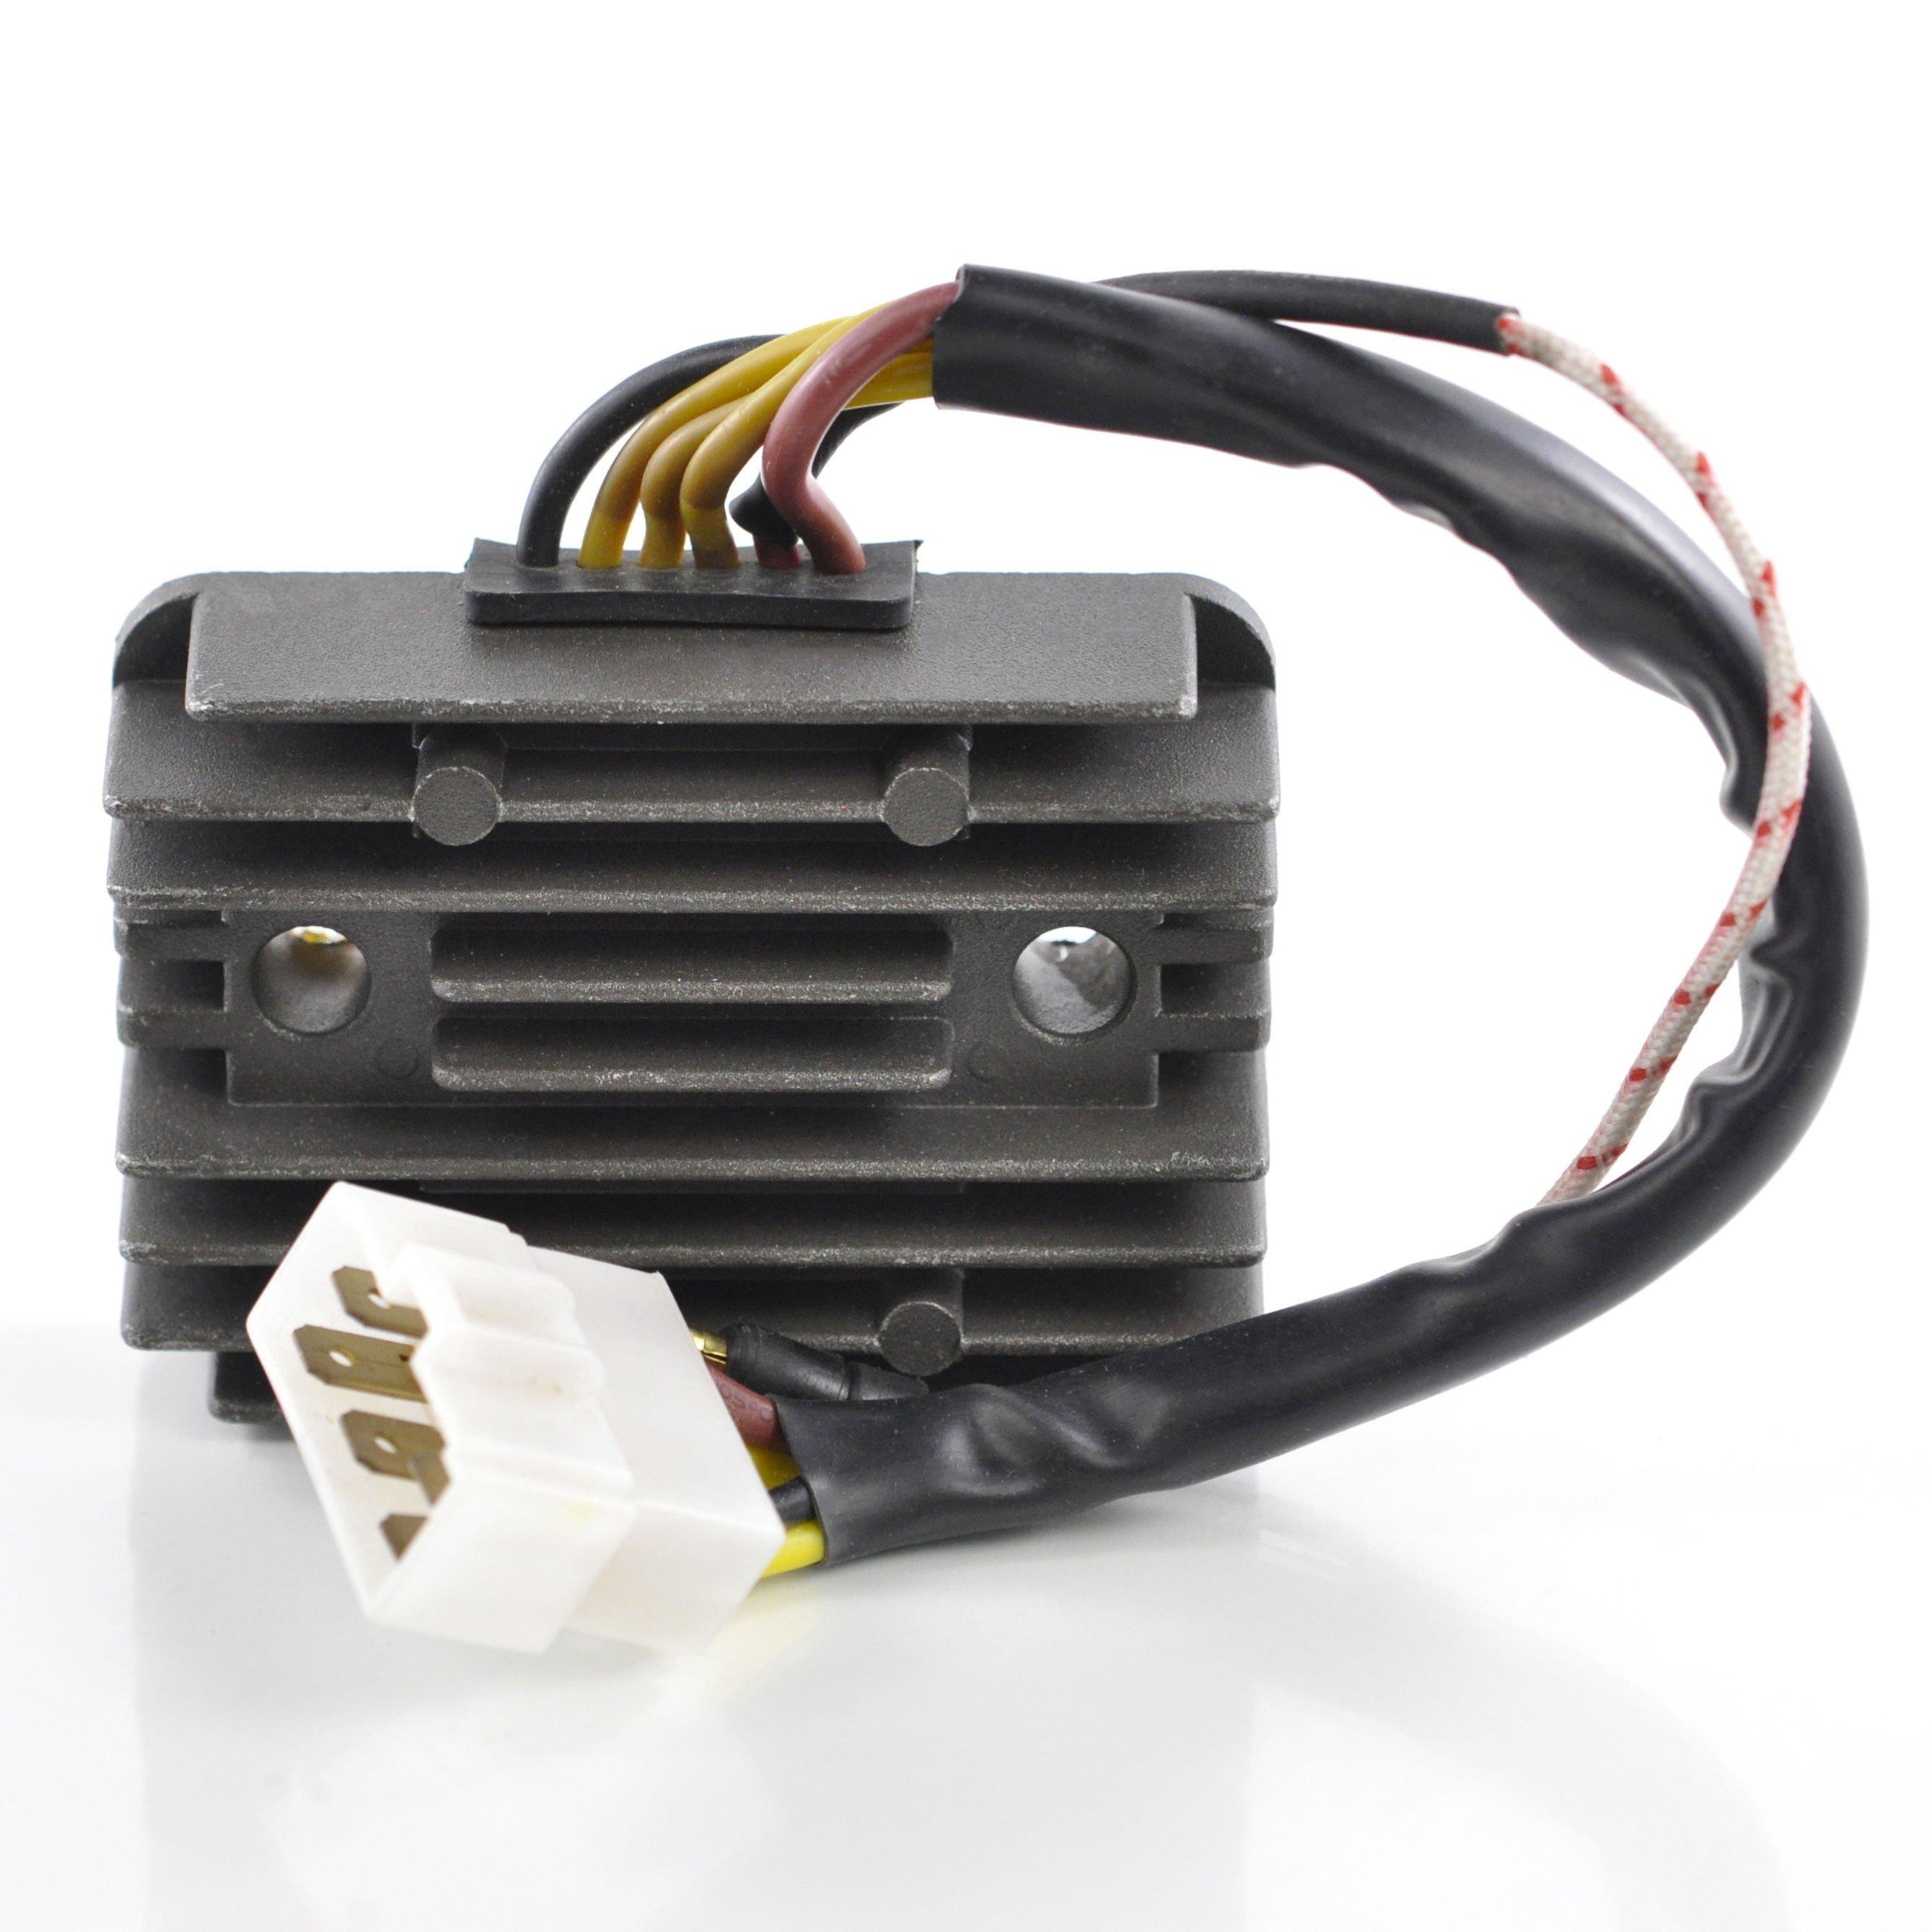 Kawasaki Rectifier Wiring 636 Schematics. Voltage Regulator Rectifier Kawasaki Kz 550 Ltd Kz550 Wiring 7 Wire. Wiring. Rectifier 5 Diagram Pin Wiring Regulator Wy125c At Scoala.co